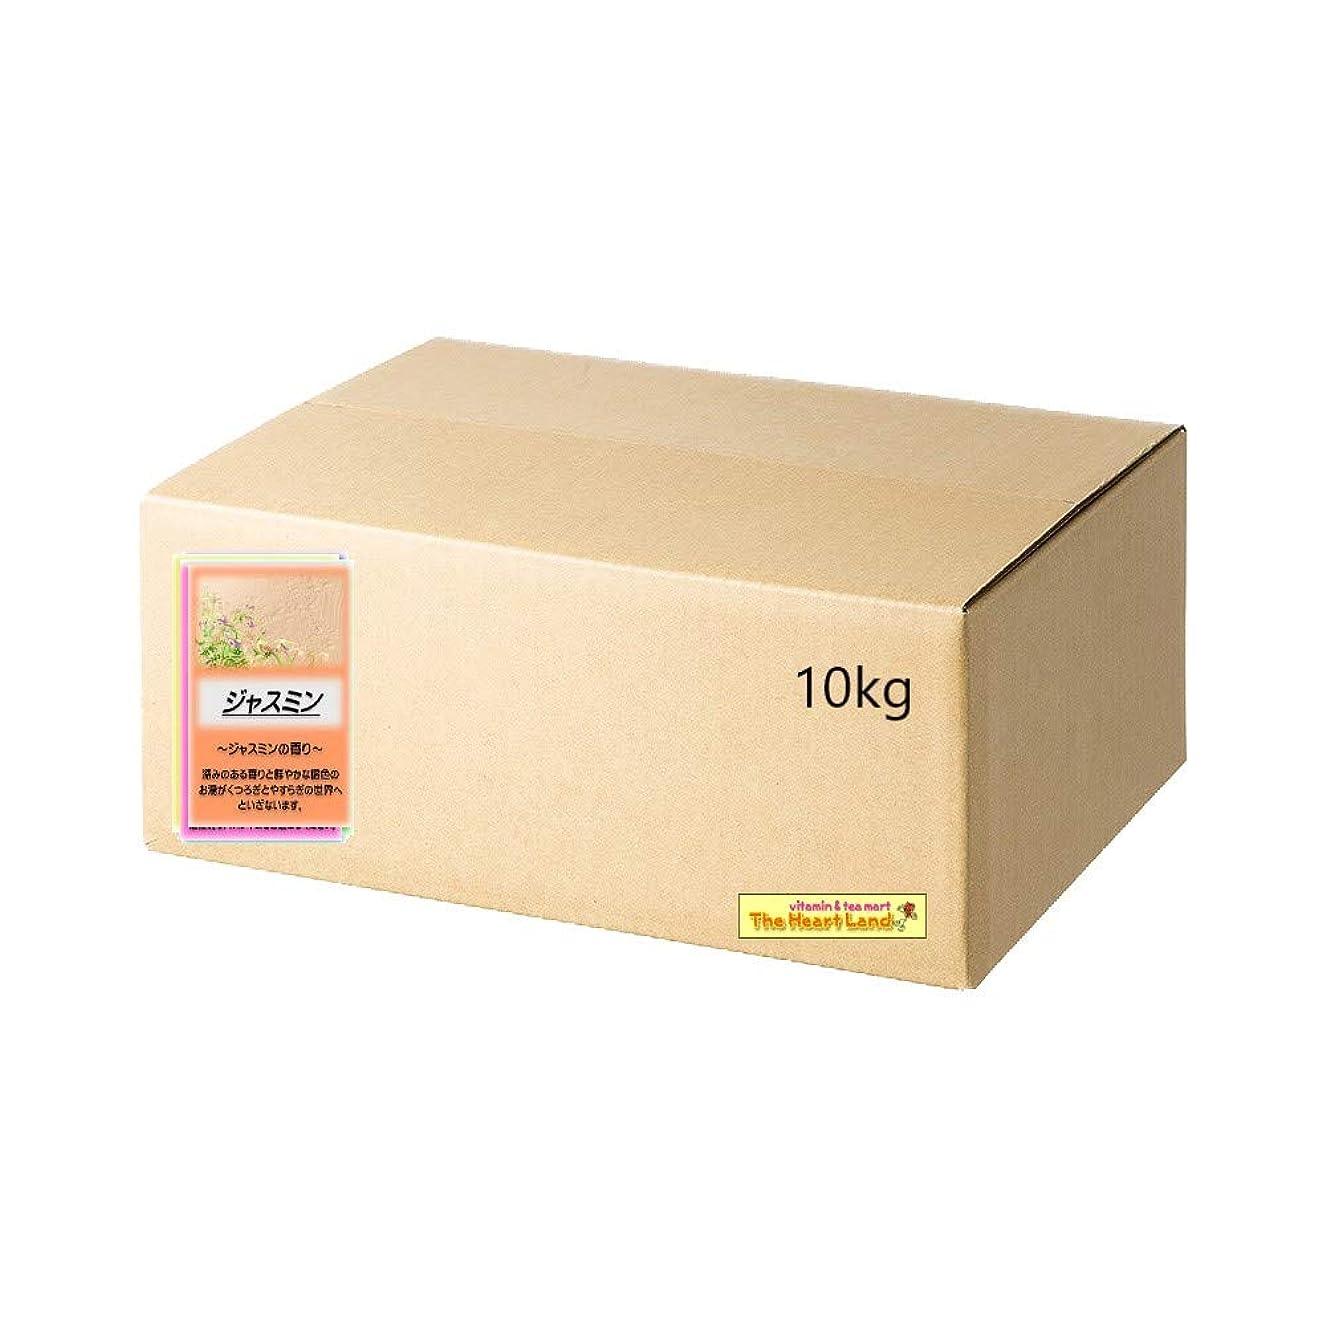 ペルソナ腹痛赤面アサヒ入浴剤 浴用入浴化粧品 ジャスミン 10kg